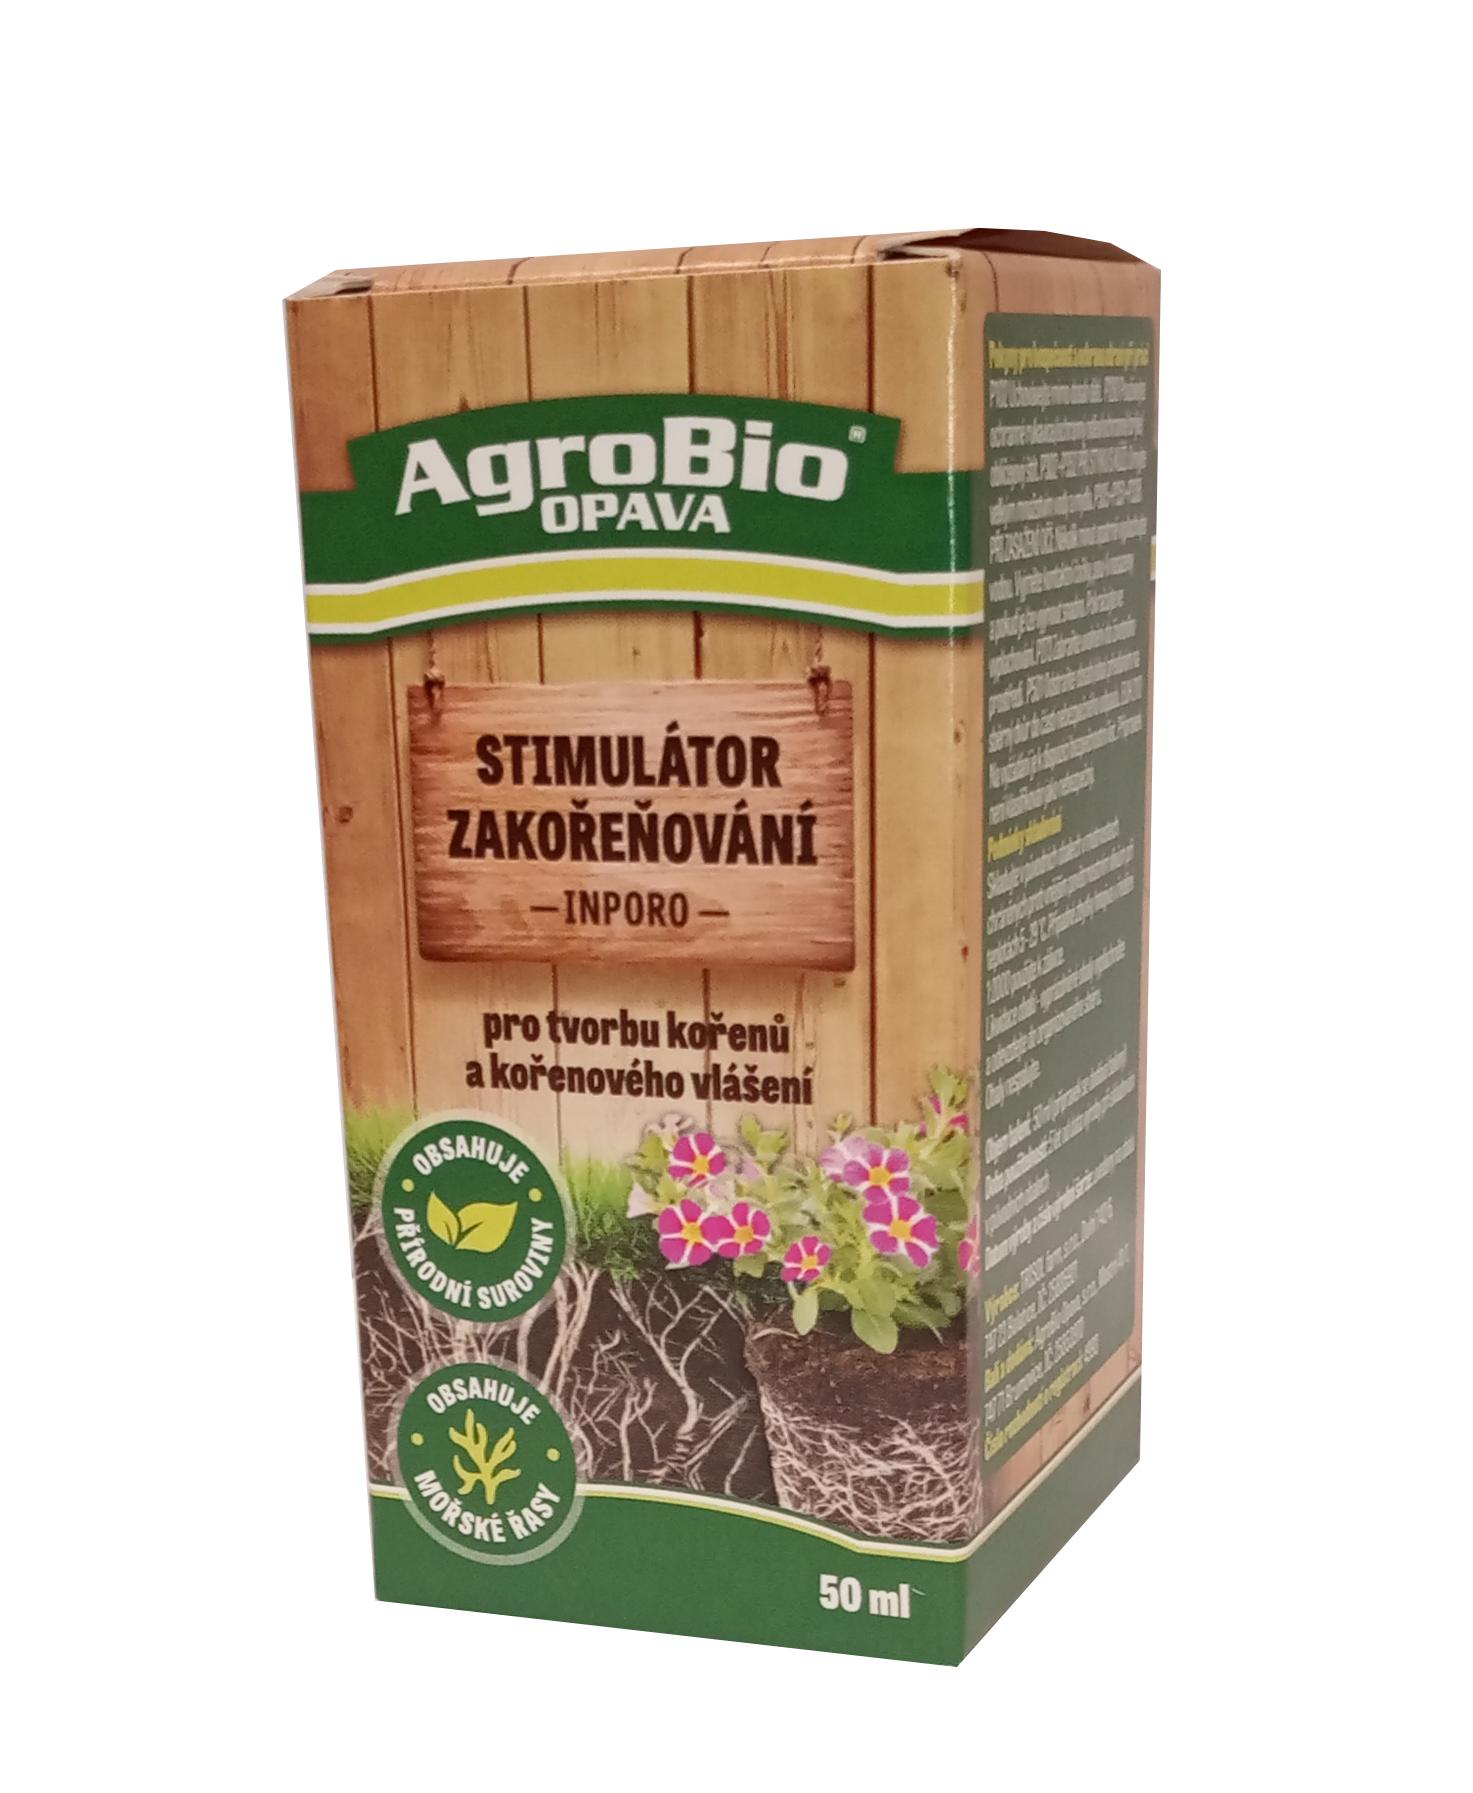 AgroBio Stimulátor zakořeňování 50 ml (INPORO)